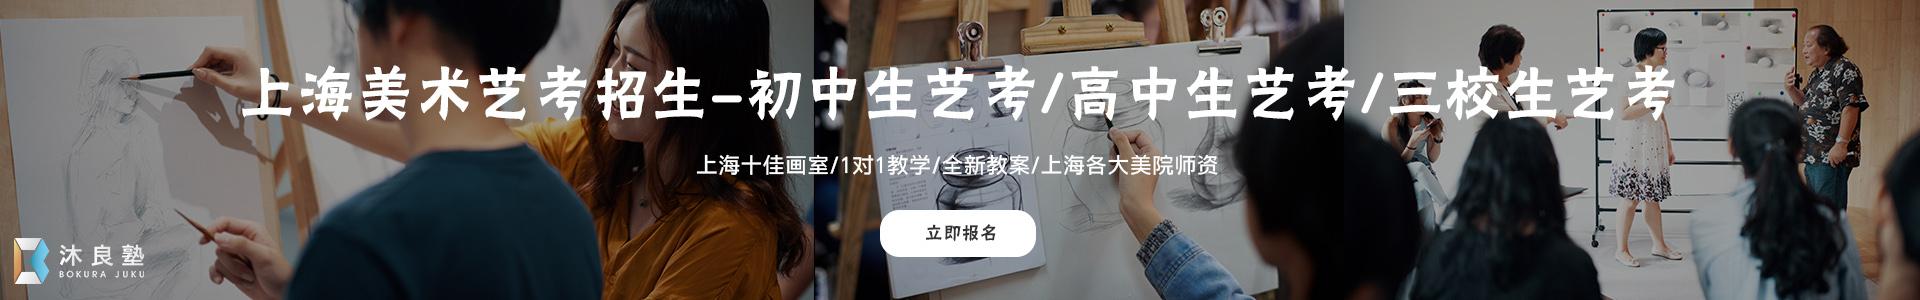 上海沐良塾美術培訓機構